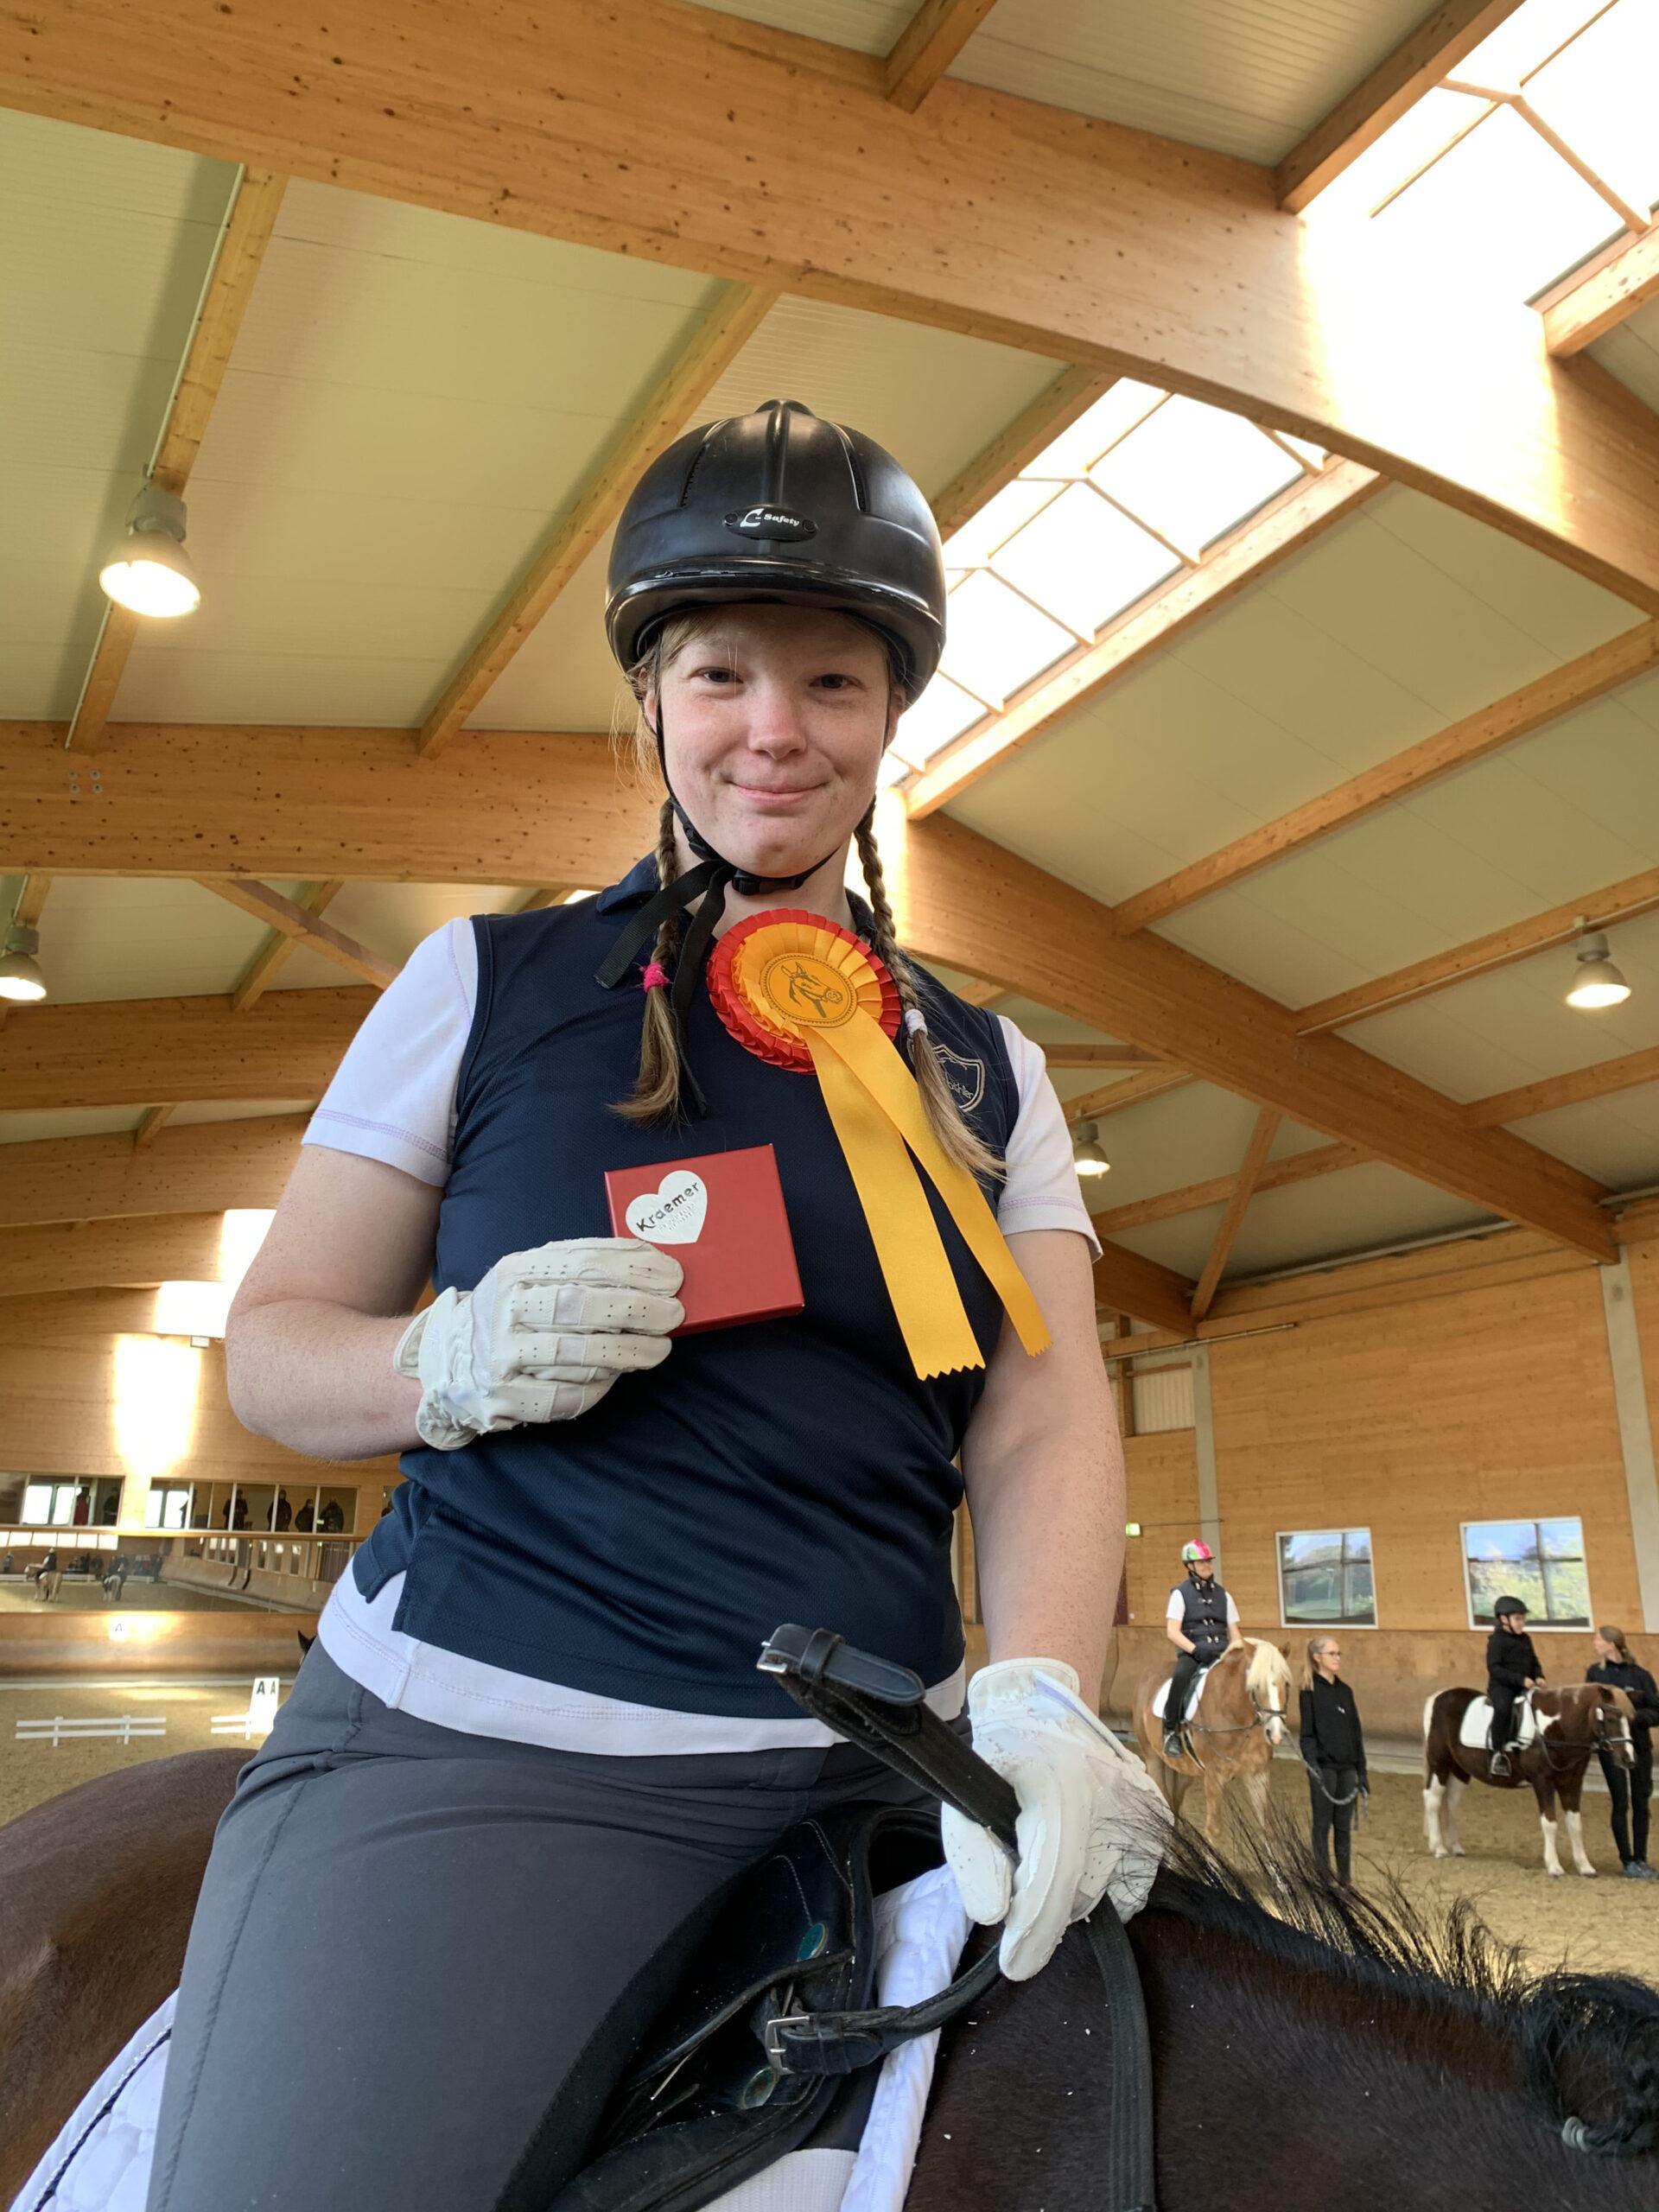 Eine junge Frau sitzt auf einem Pferd und hält einen Preis in ihrer Hand. An ihrem Polo hängt die Siegerschleife.